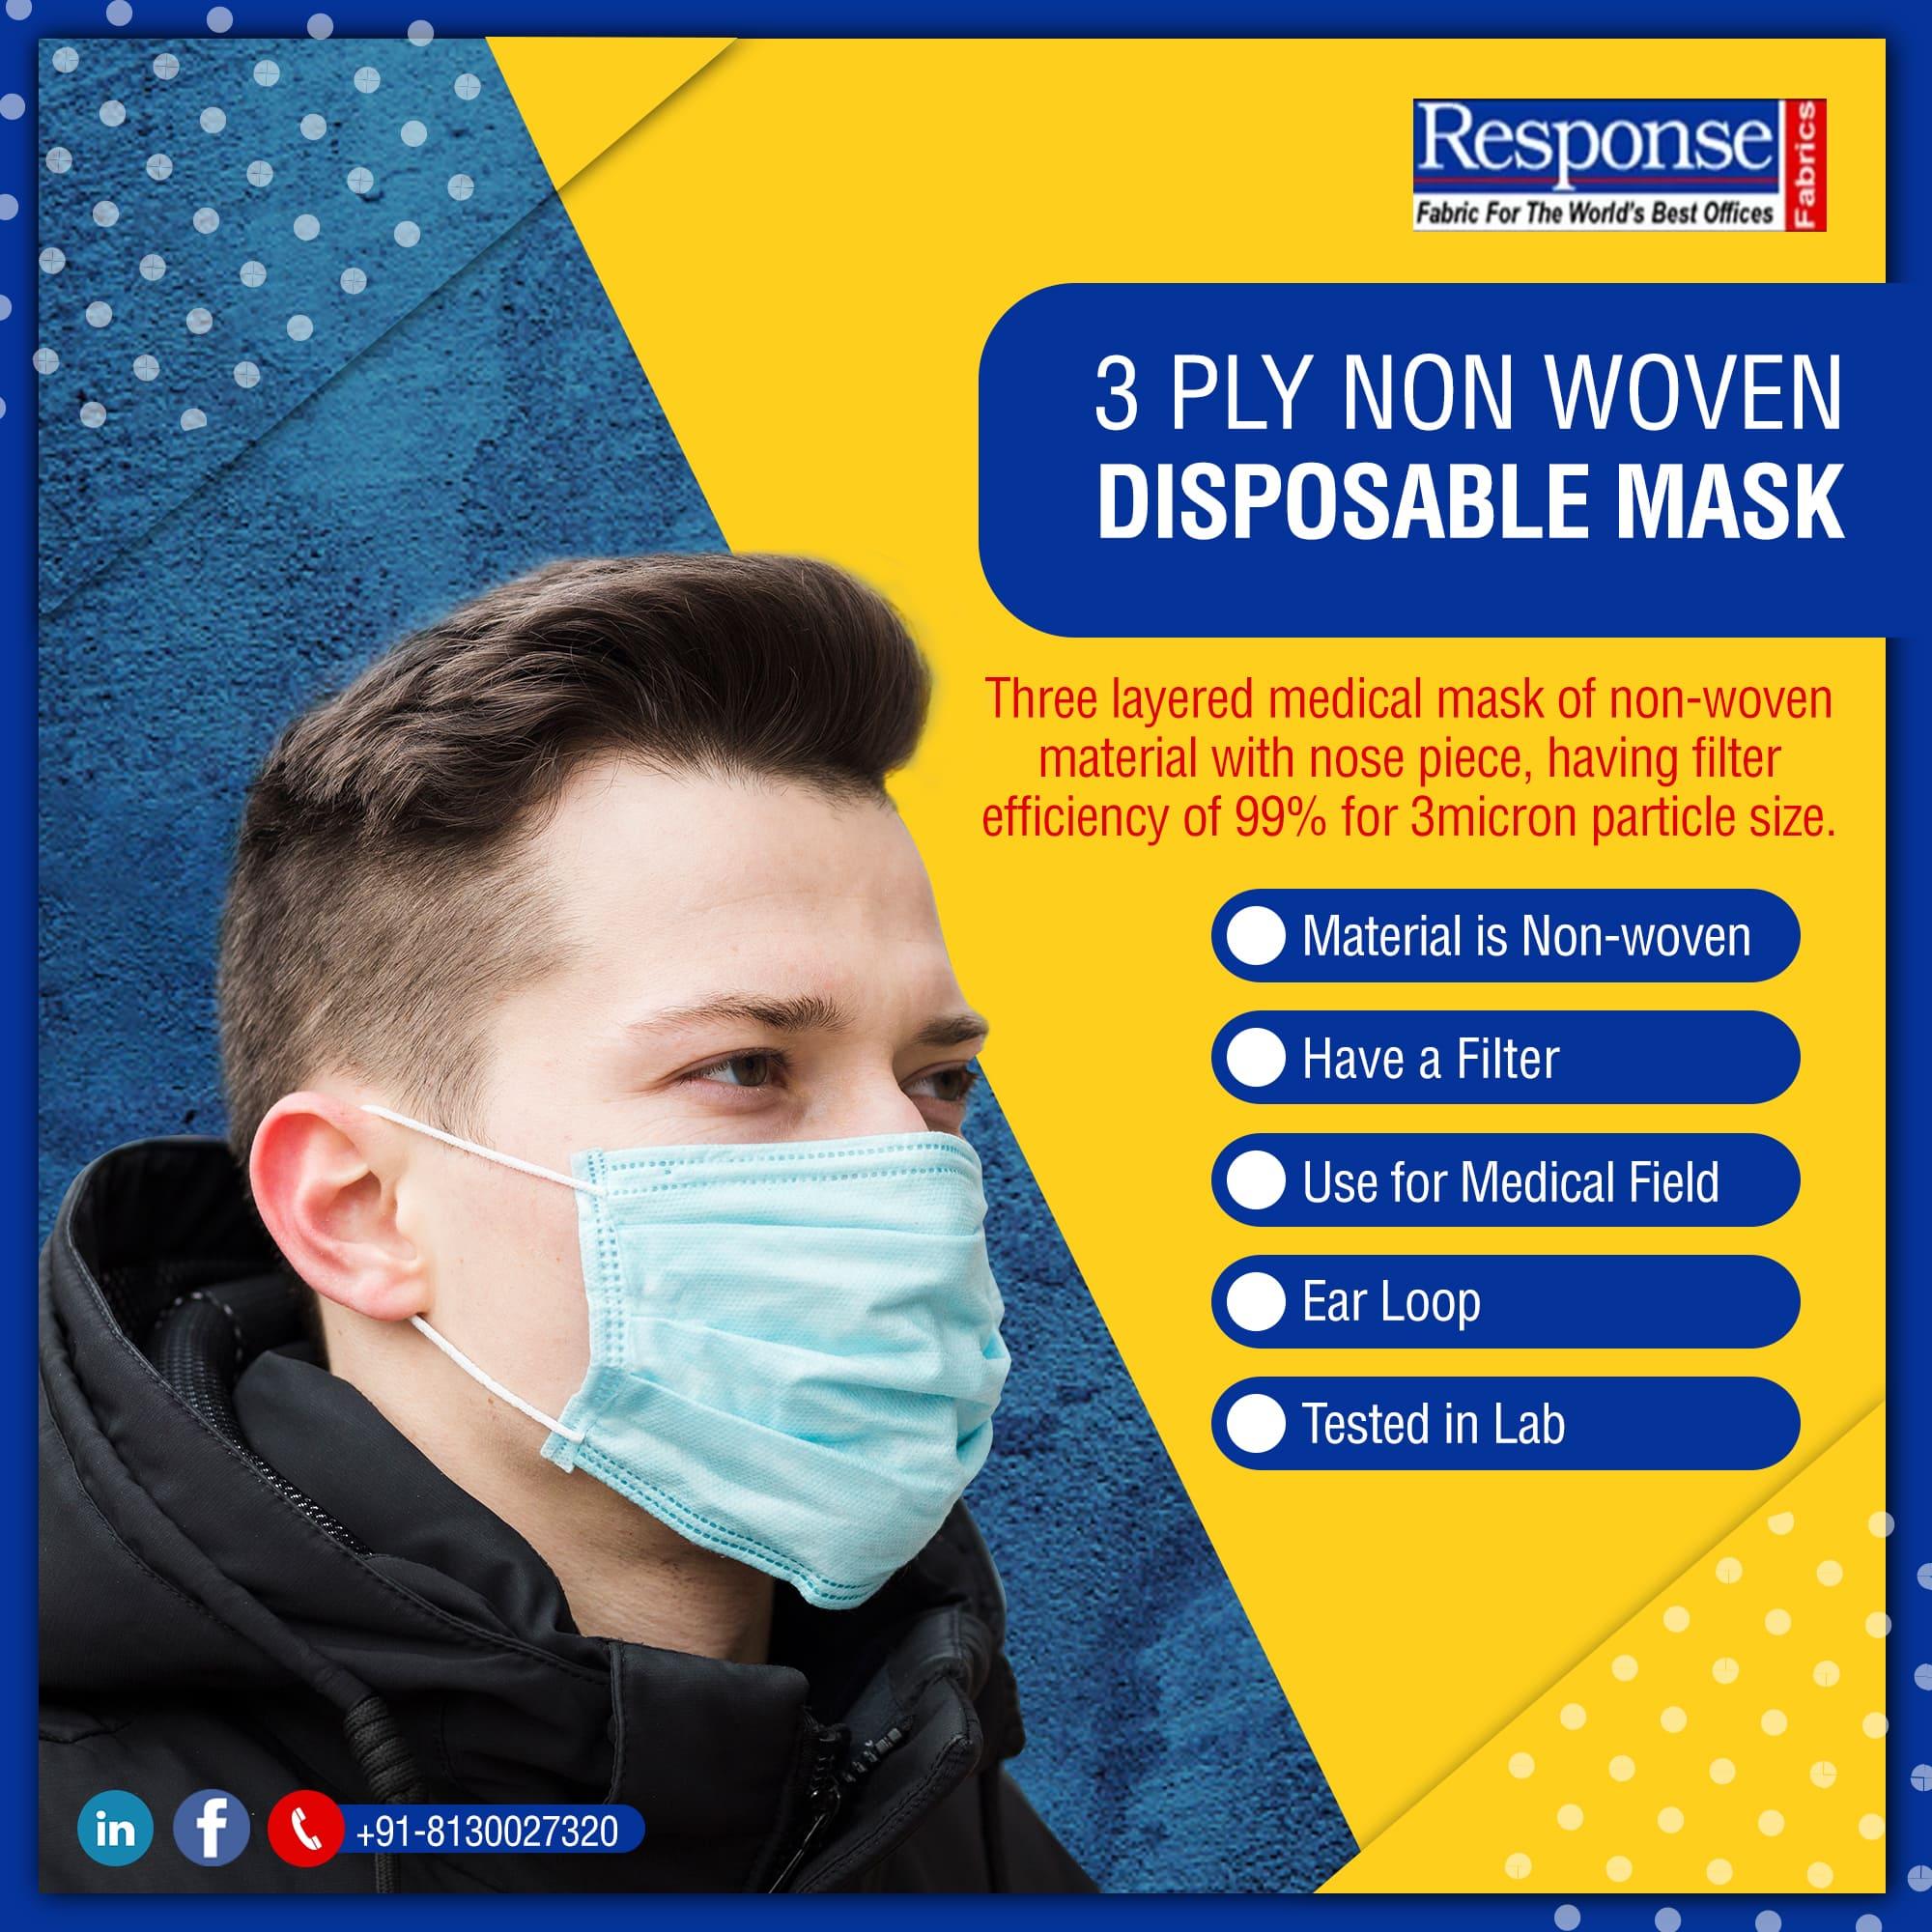 3 ply non-woven mask